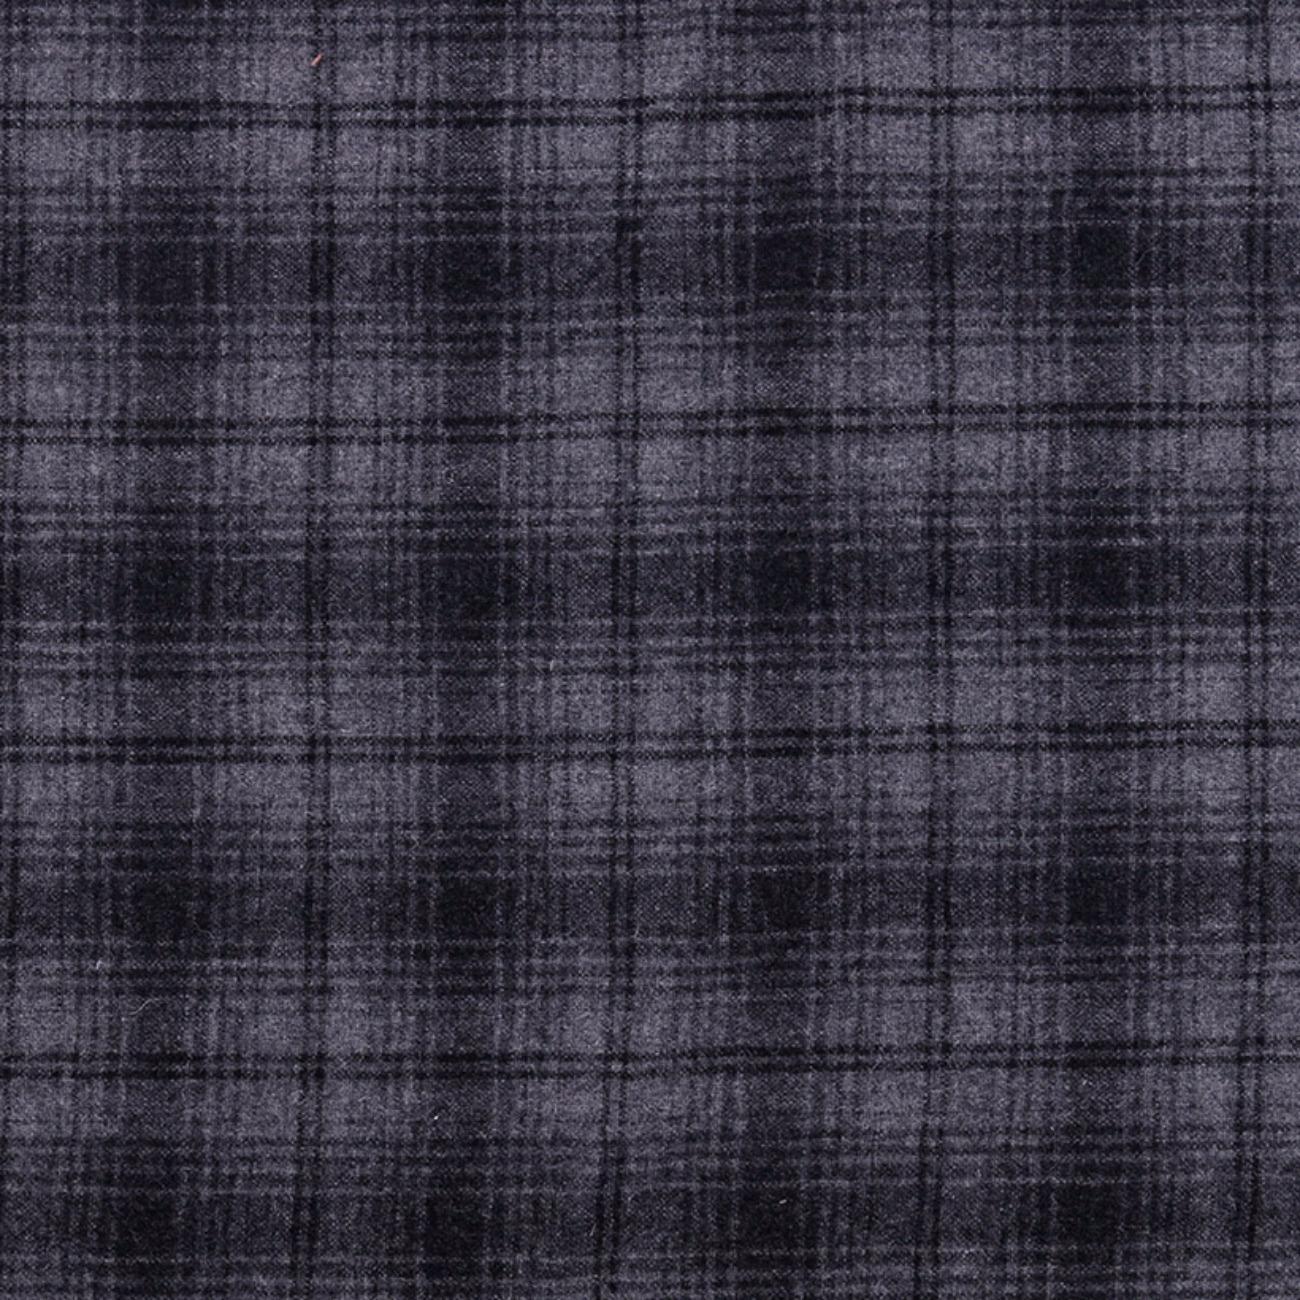 格子 梭织 双面 低弹 大衣 外套 柔软 绒感 男装 女装 毛料 羊毛 羊毛 71019-19